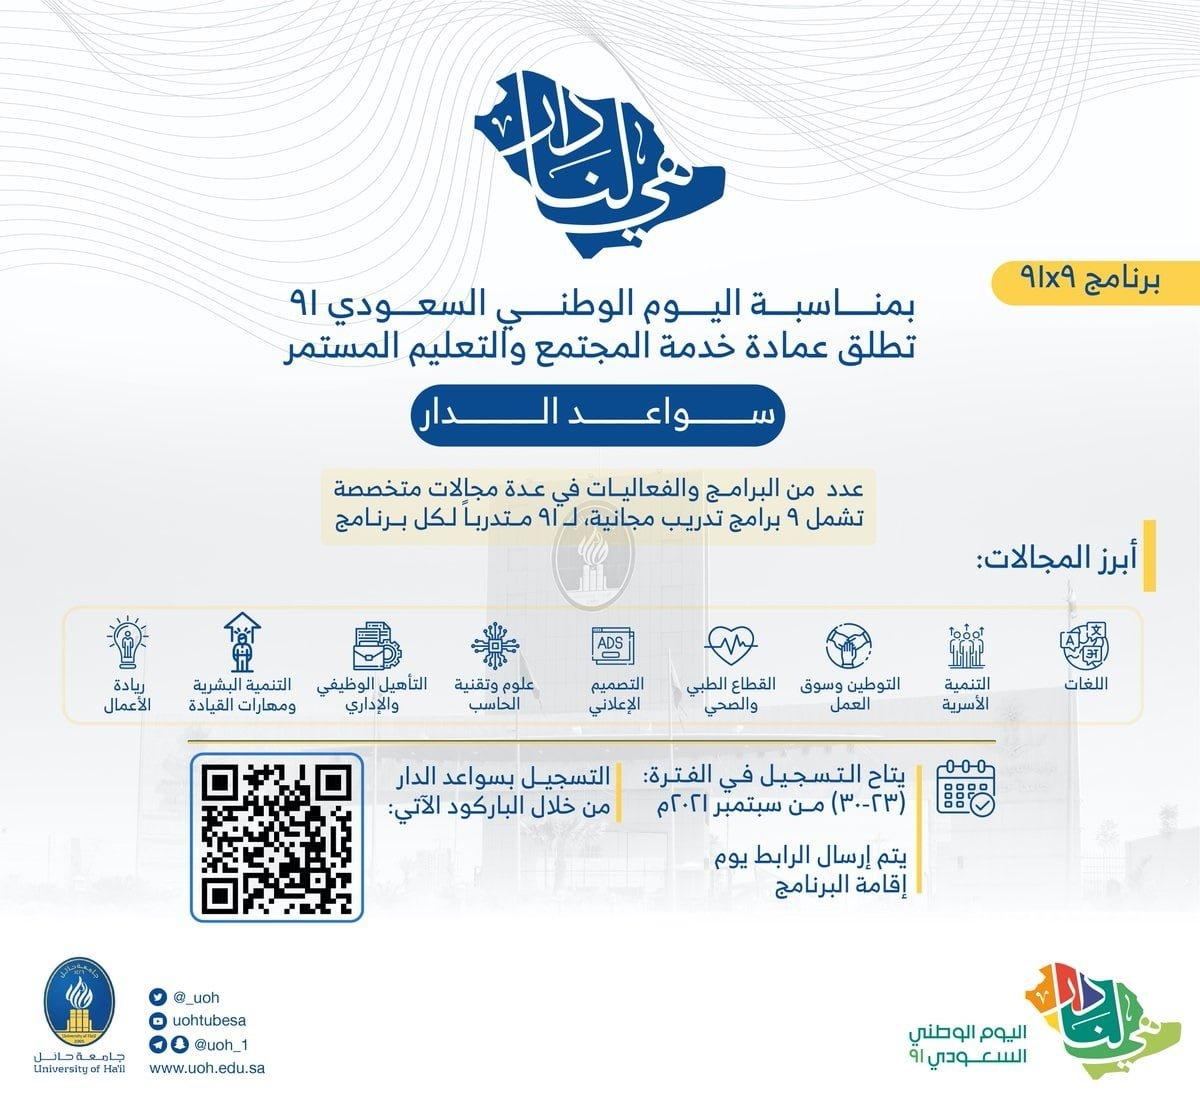 برامج ودورات تدريبية مجانية بمناسبة اليوم الوطني السعودي 91 لدى جامعة حائل 3